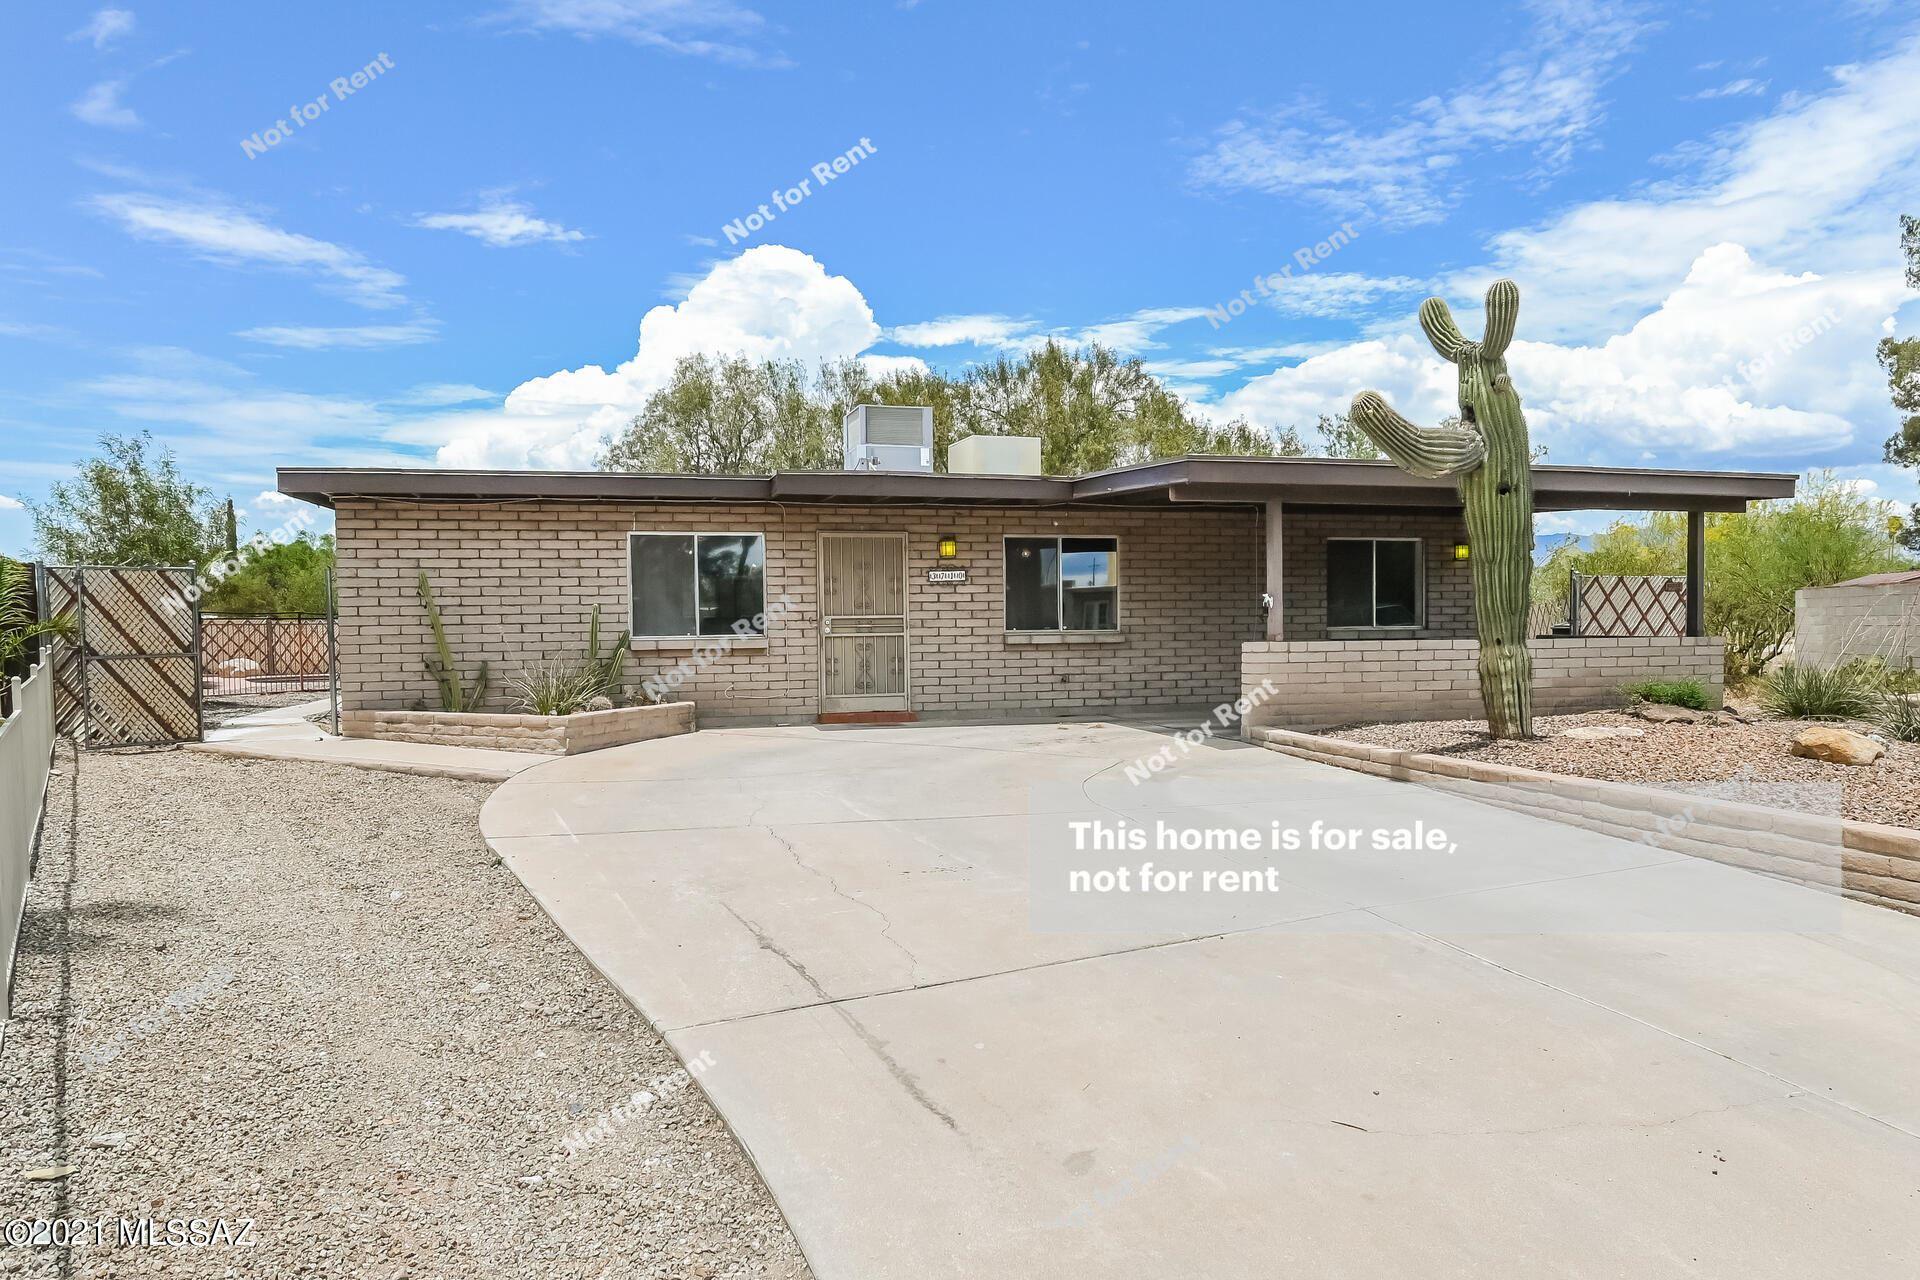 3710 S Le Beaux Place, Tucson, AZ 85730 - MLS#: 22117339